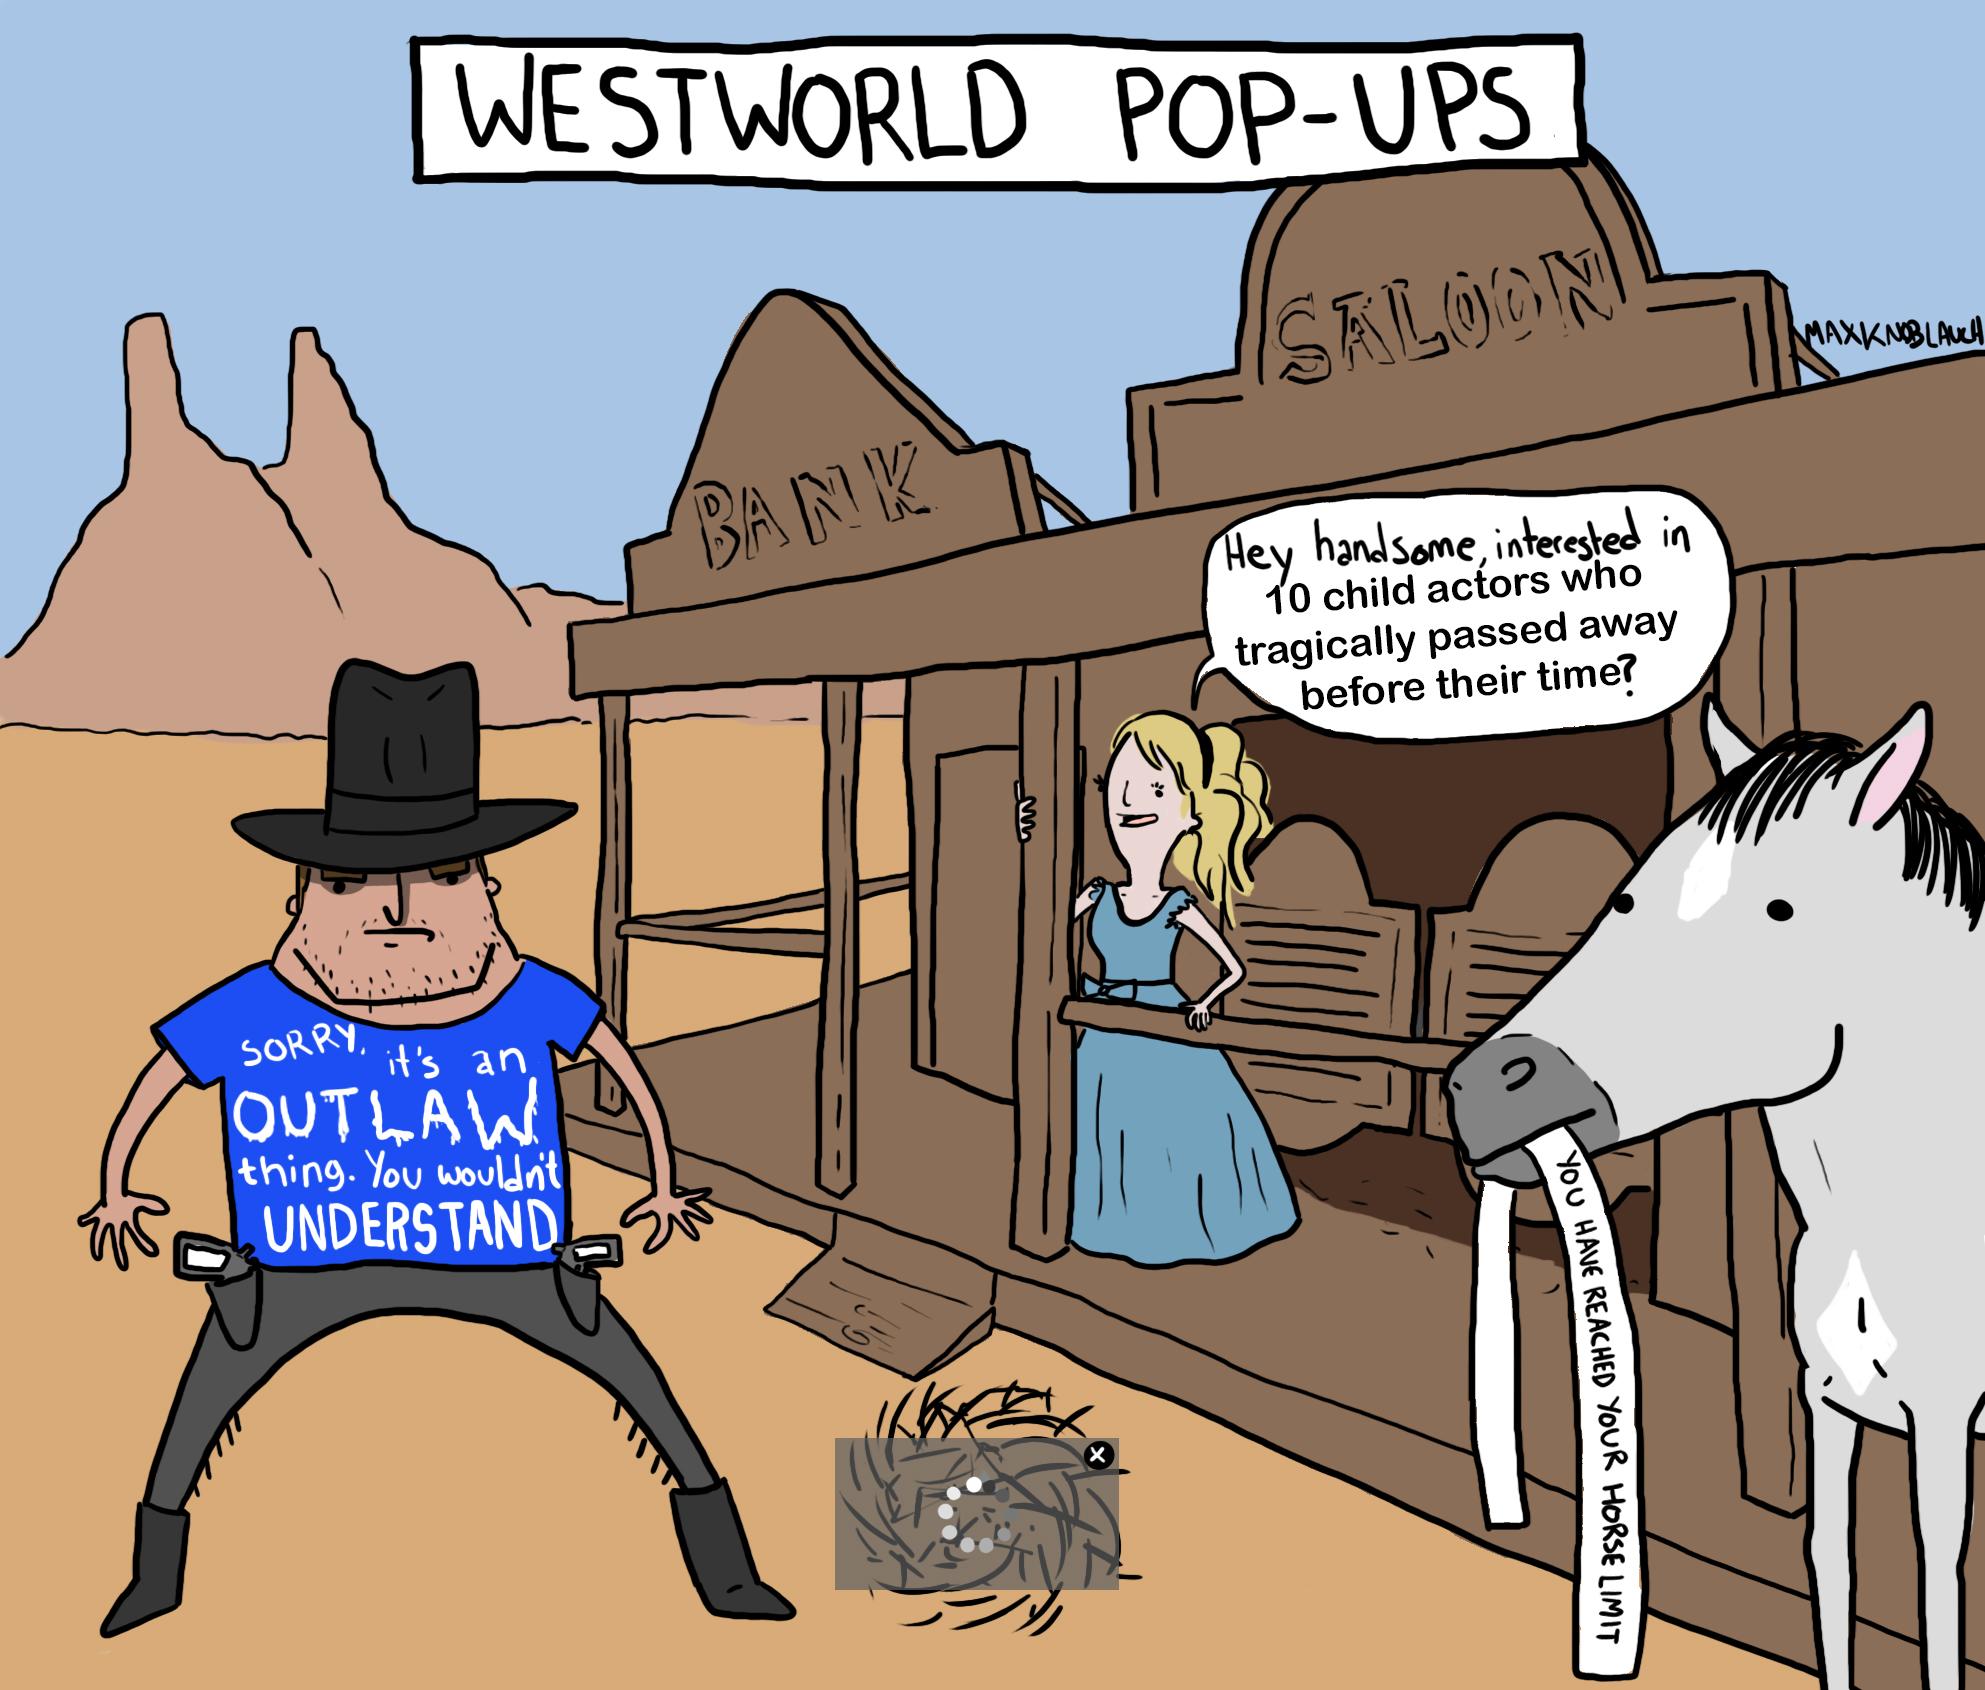 westworld-popups-MKnoblauch.jpg